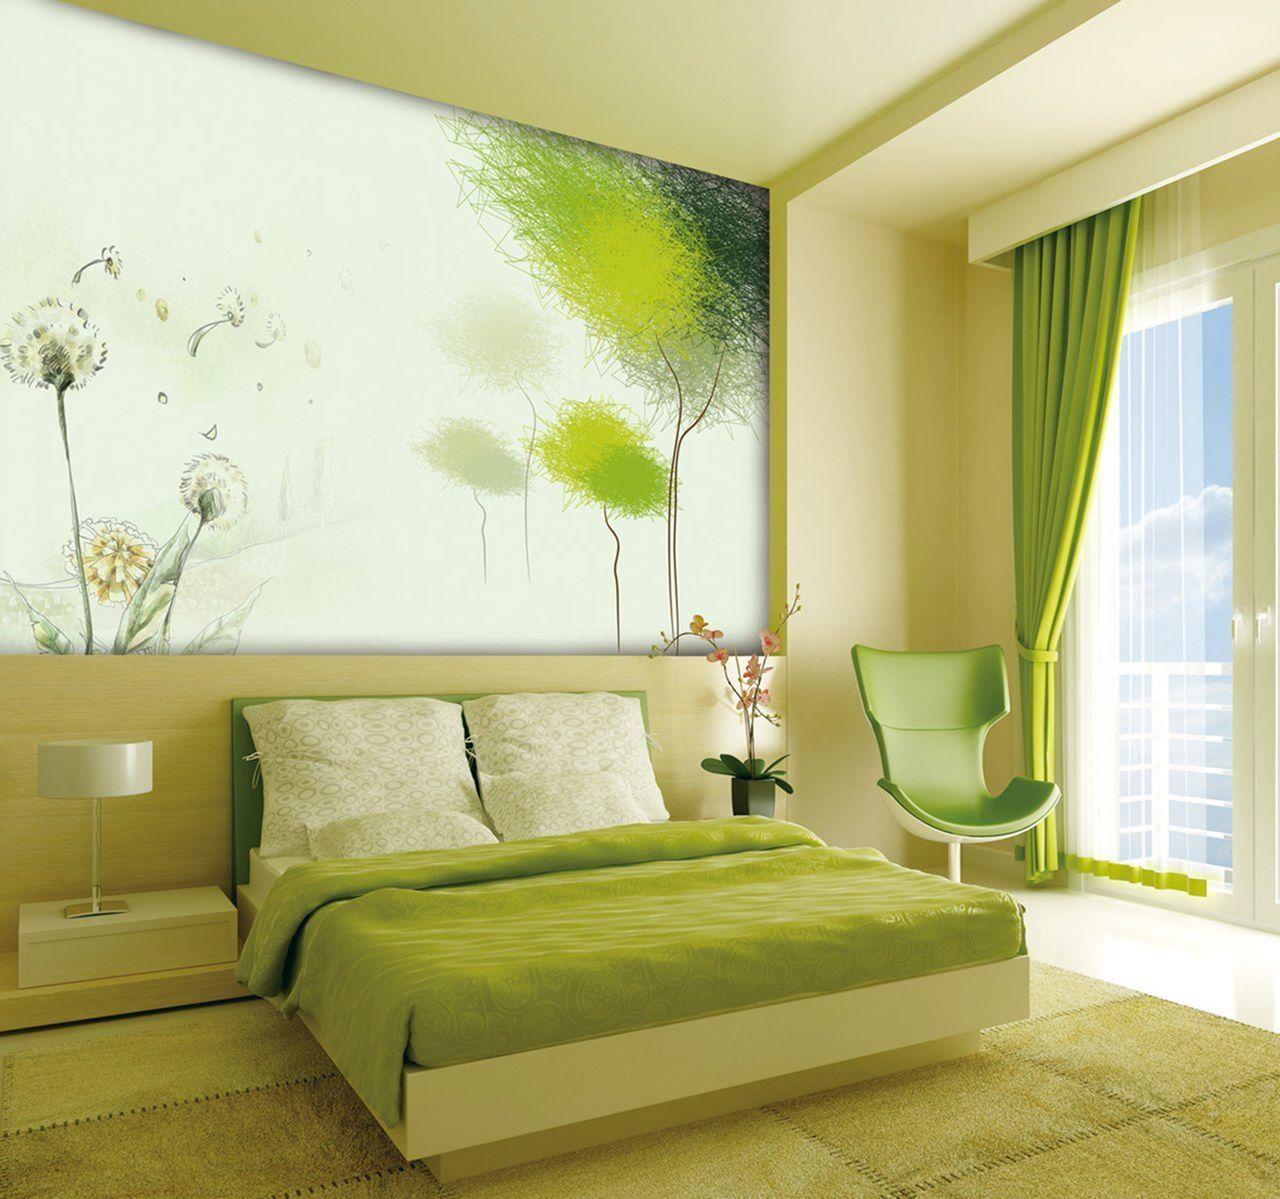 15 Cozy Bedroom Design Ideas With Green Color Schemes